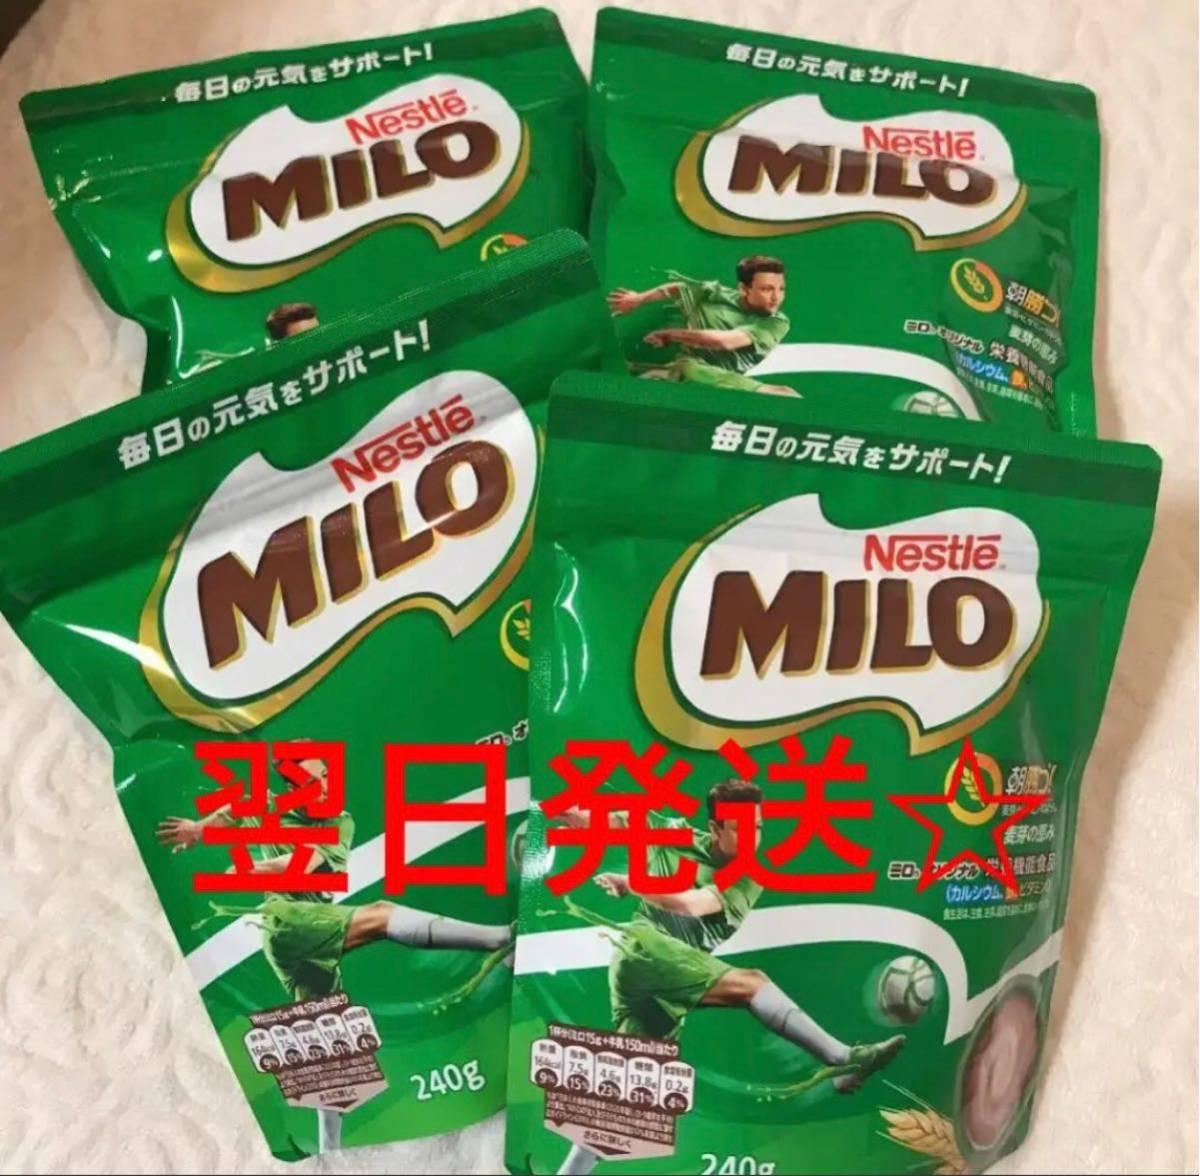 新品未開封 ミロ オリジナル 240g ×4袋 送料込み_画像1